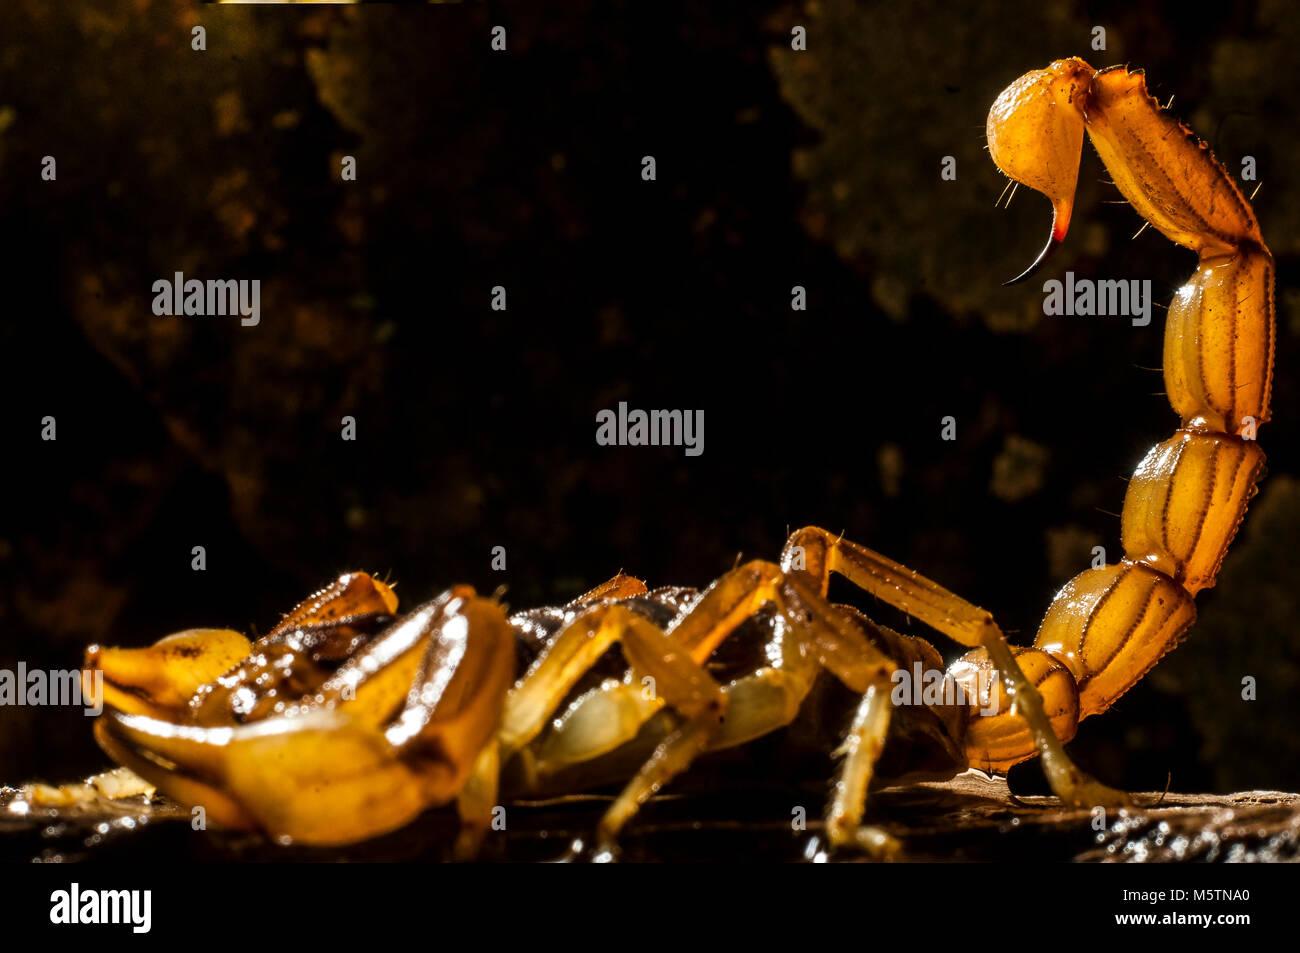 Scorpion (Buthus occitanus) poison animale, sting Immagini Stock